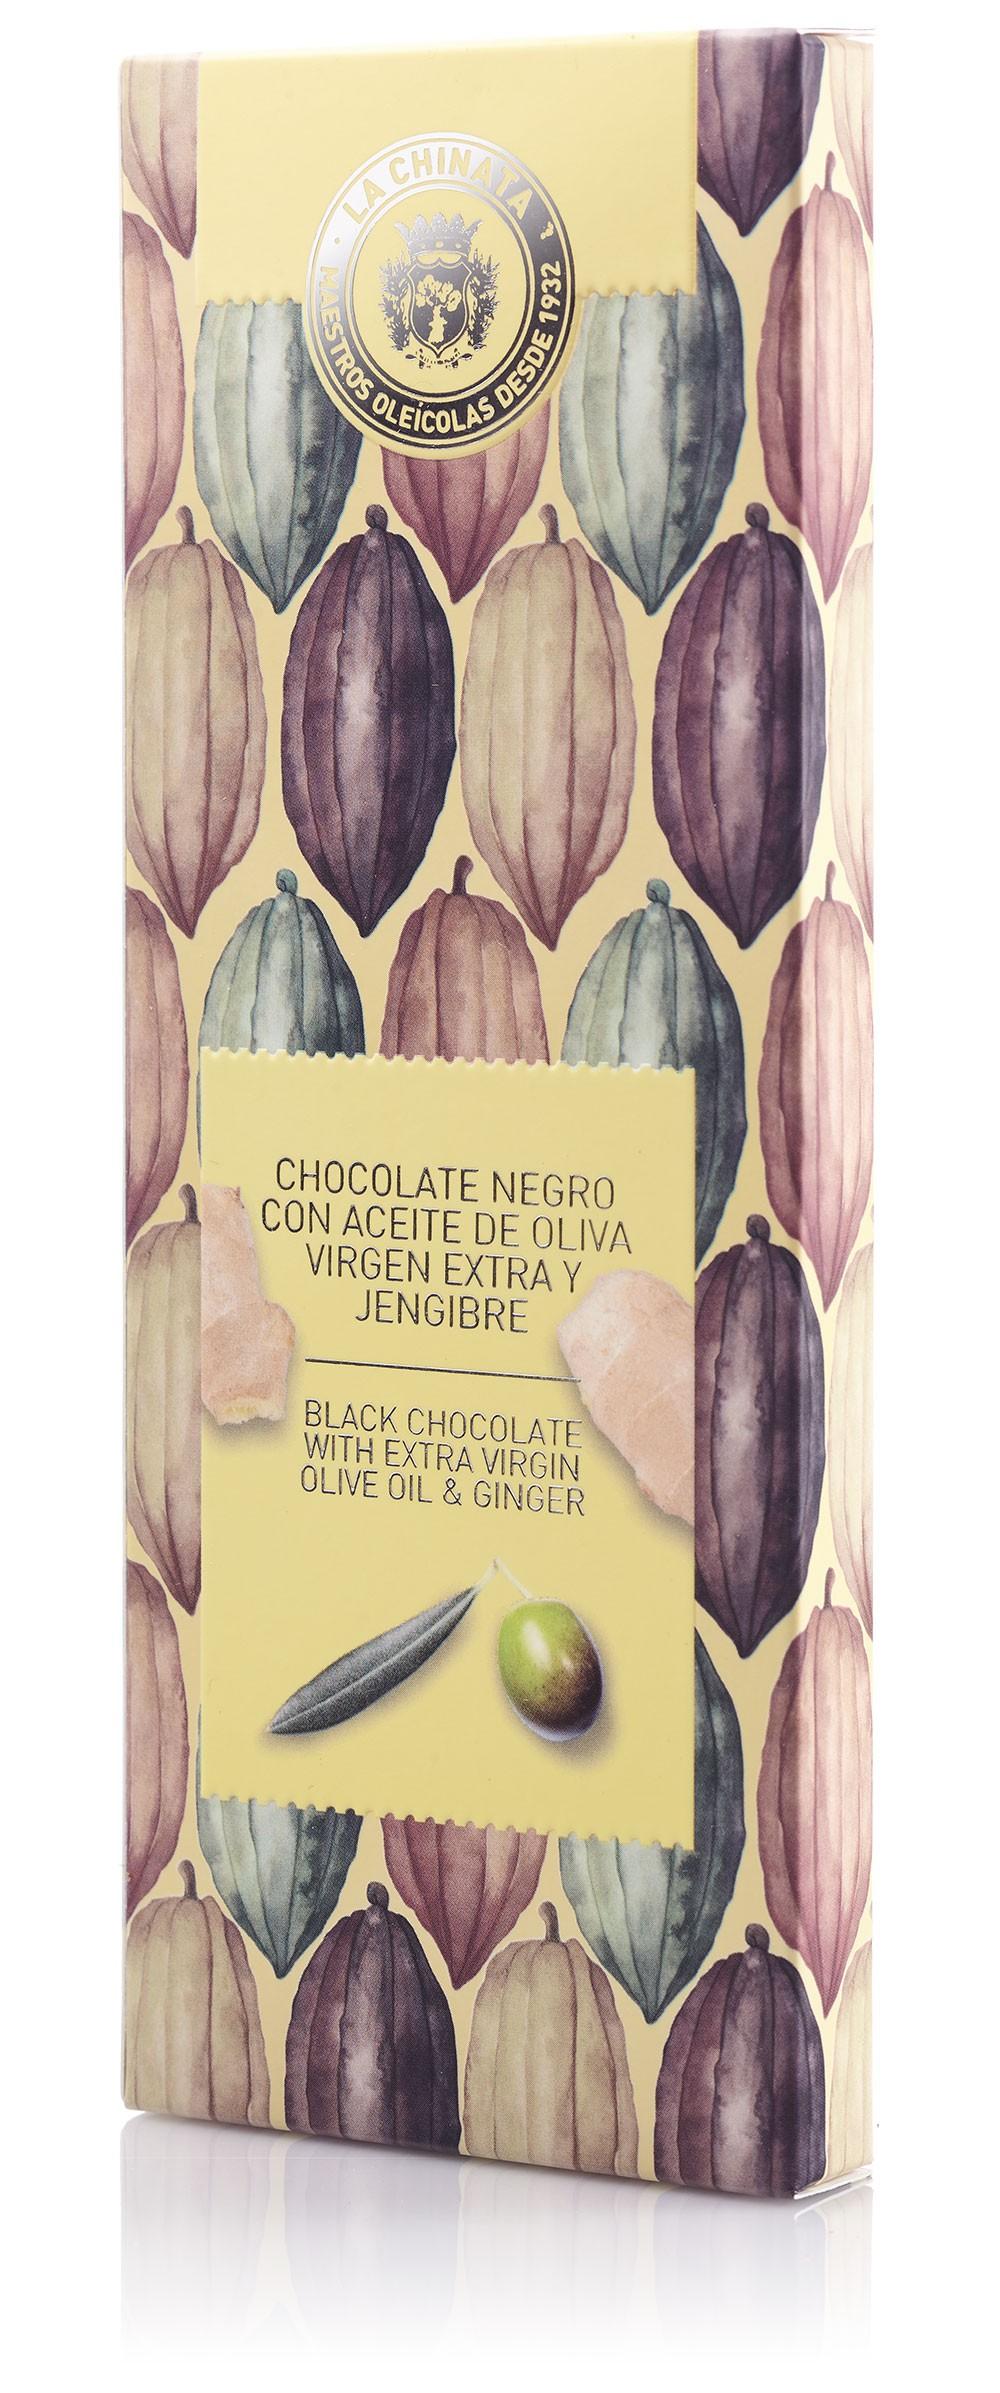 Chocolate Negro Con Aove Y Jengibre